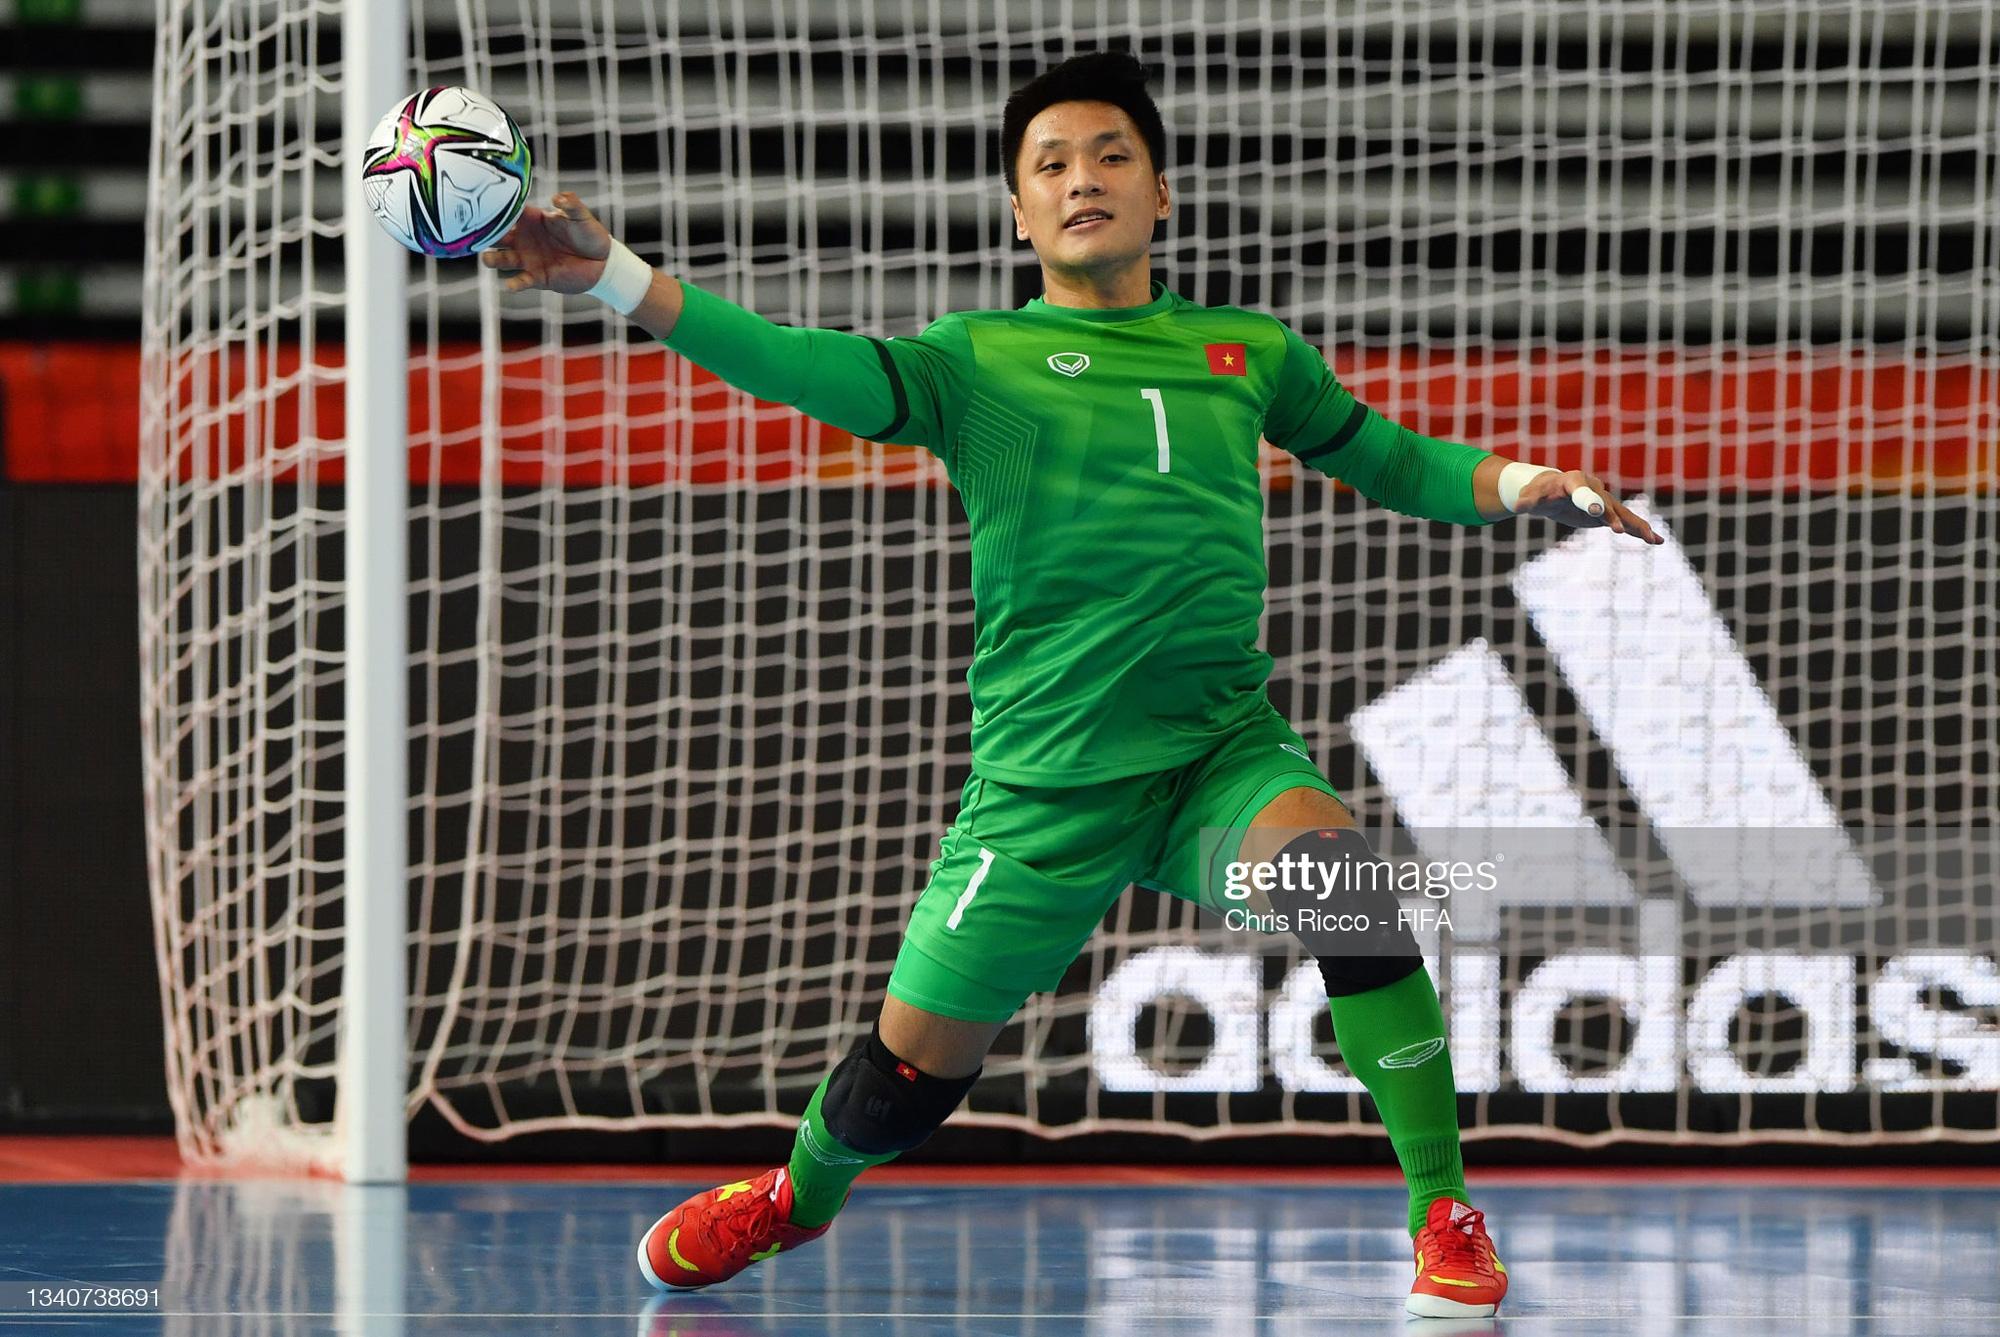 Vào đến vòng 16 đội World Cup 2021, các tuyển thủ futsal Việt Nam vẫn chỉ có lượt theo dõi khiêm tốn trên mạng xã hội - Ảnh 2.